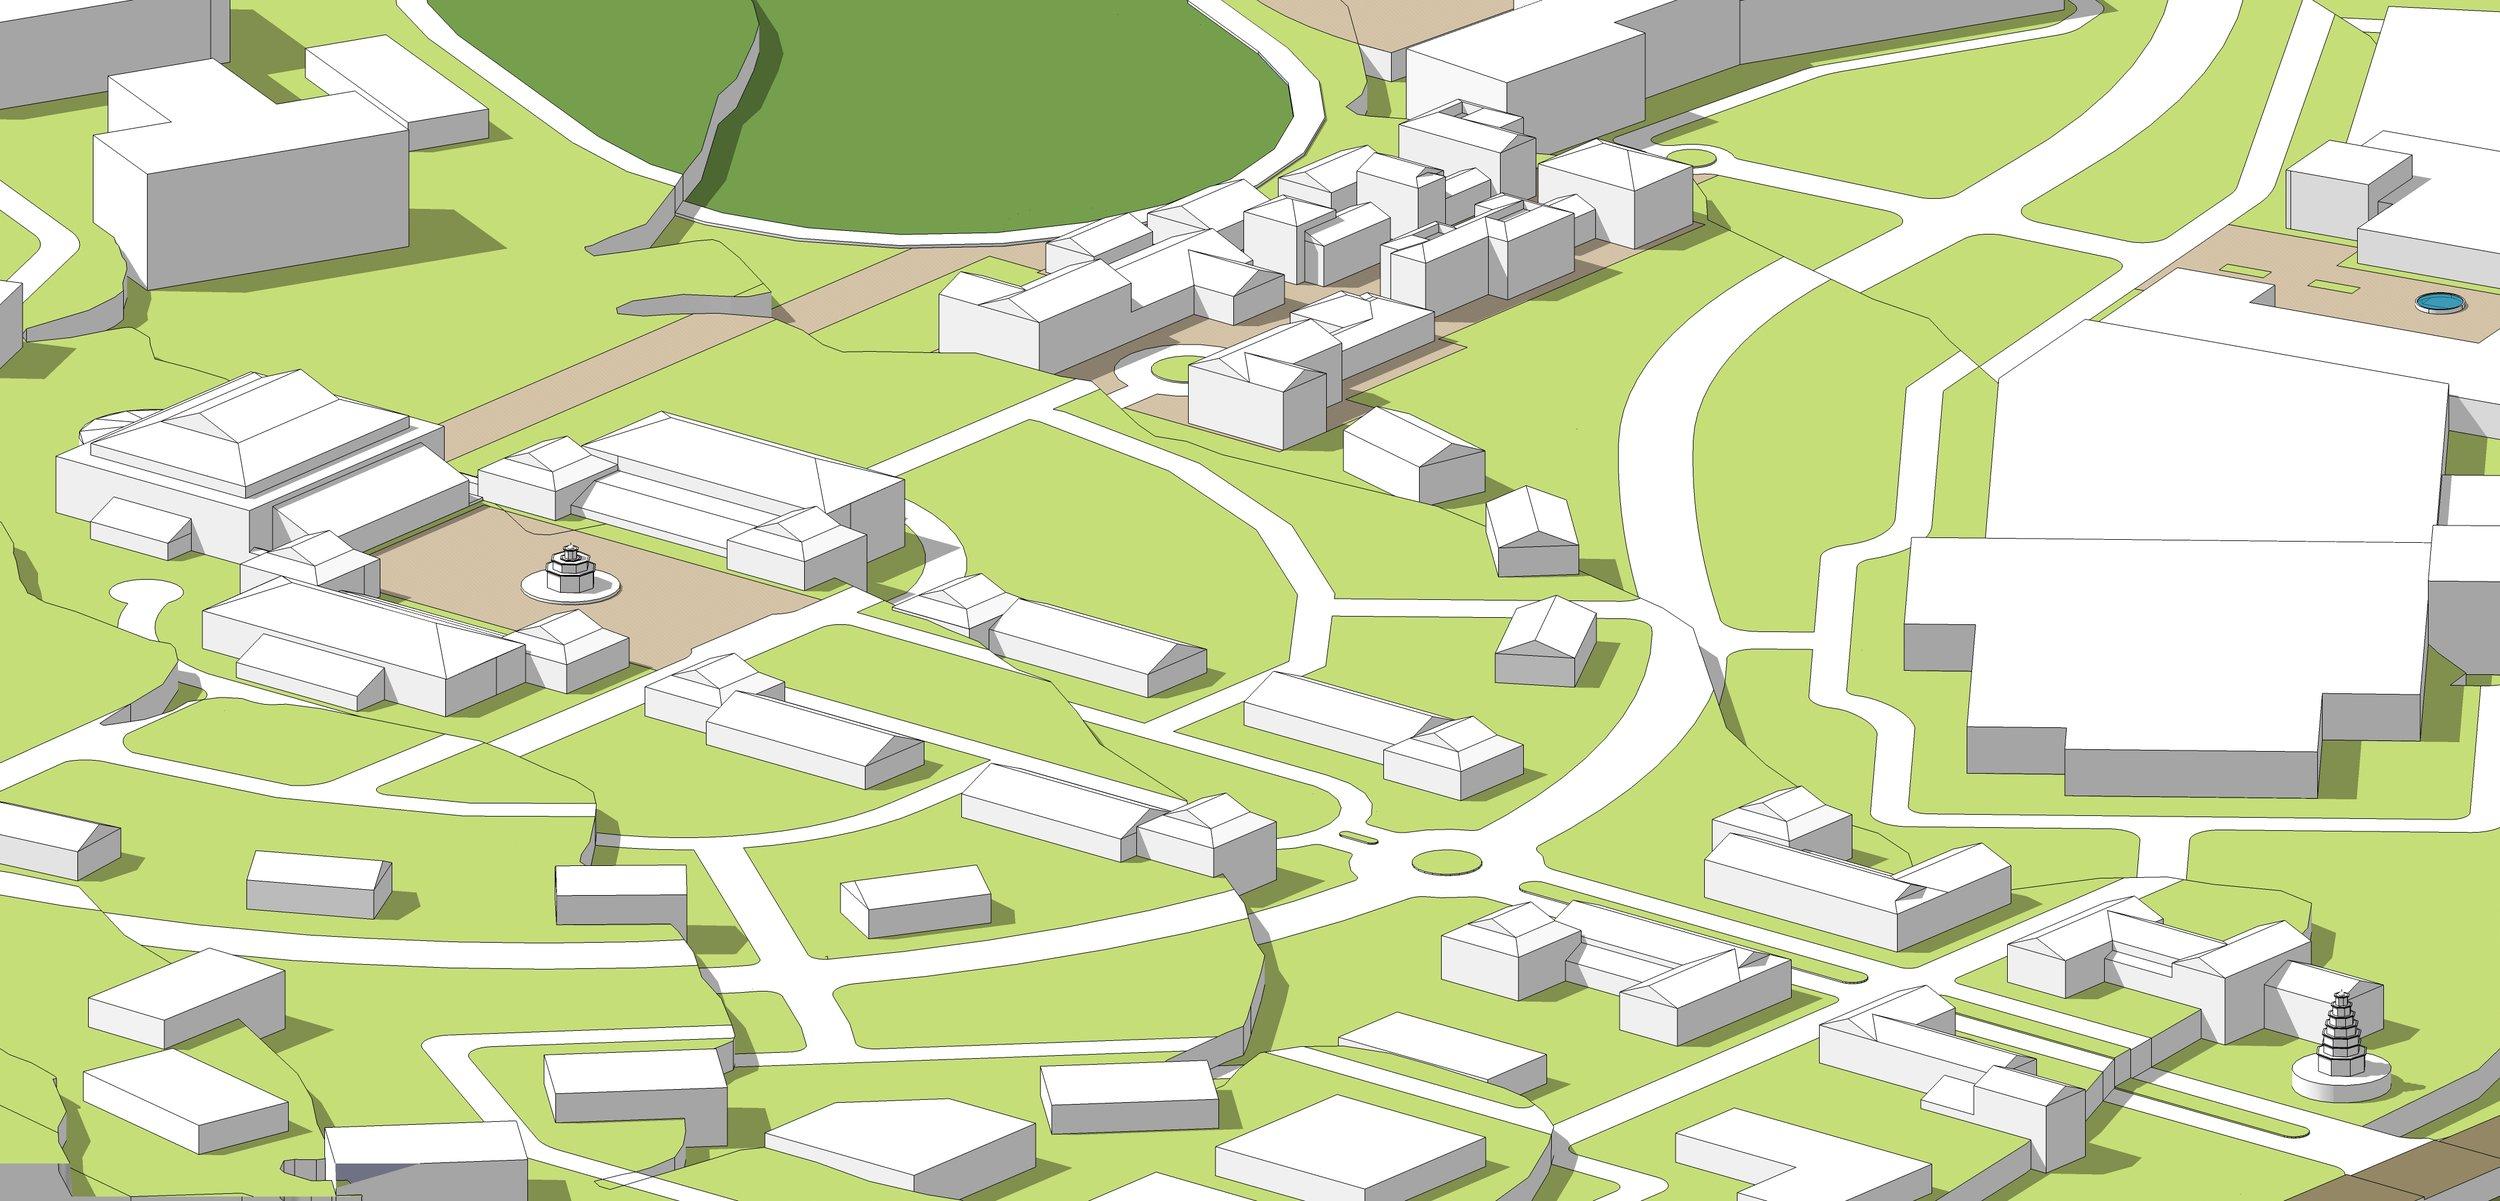 Da Qing 3D_Master plan_Culture Center.jpg